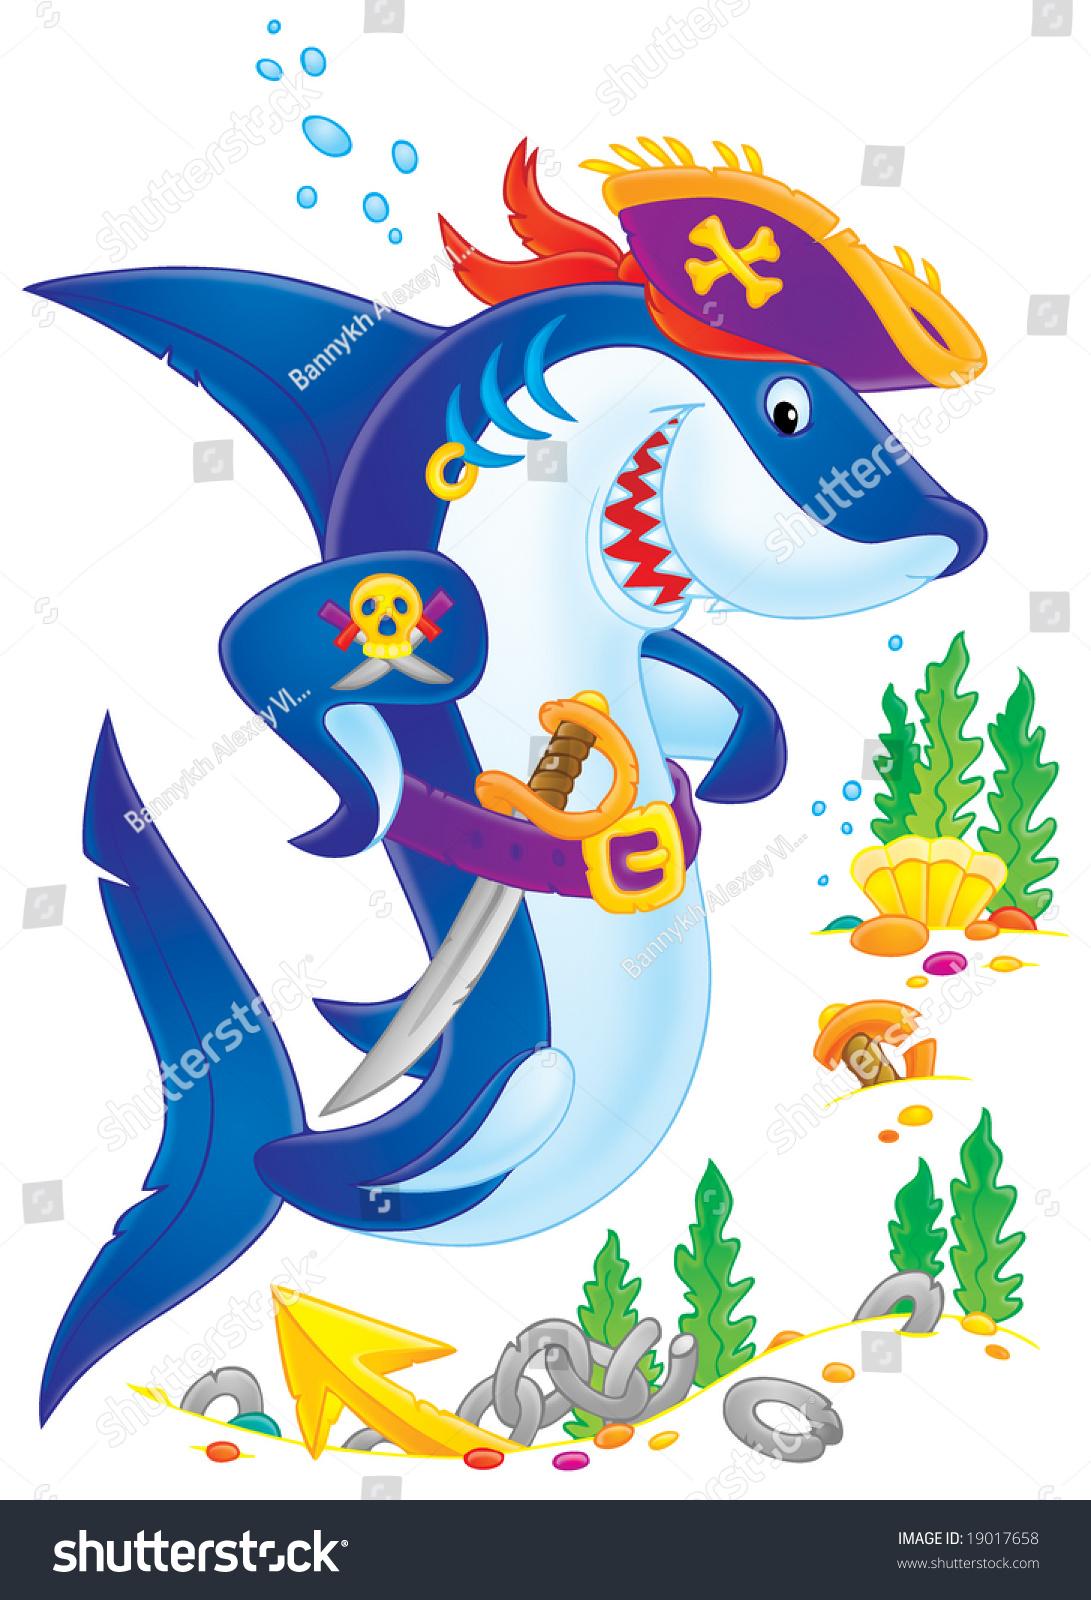 鲨鱼海盗(孤立的剪贴画颜色轮廓)-插图/剪贴图,动物